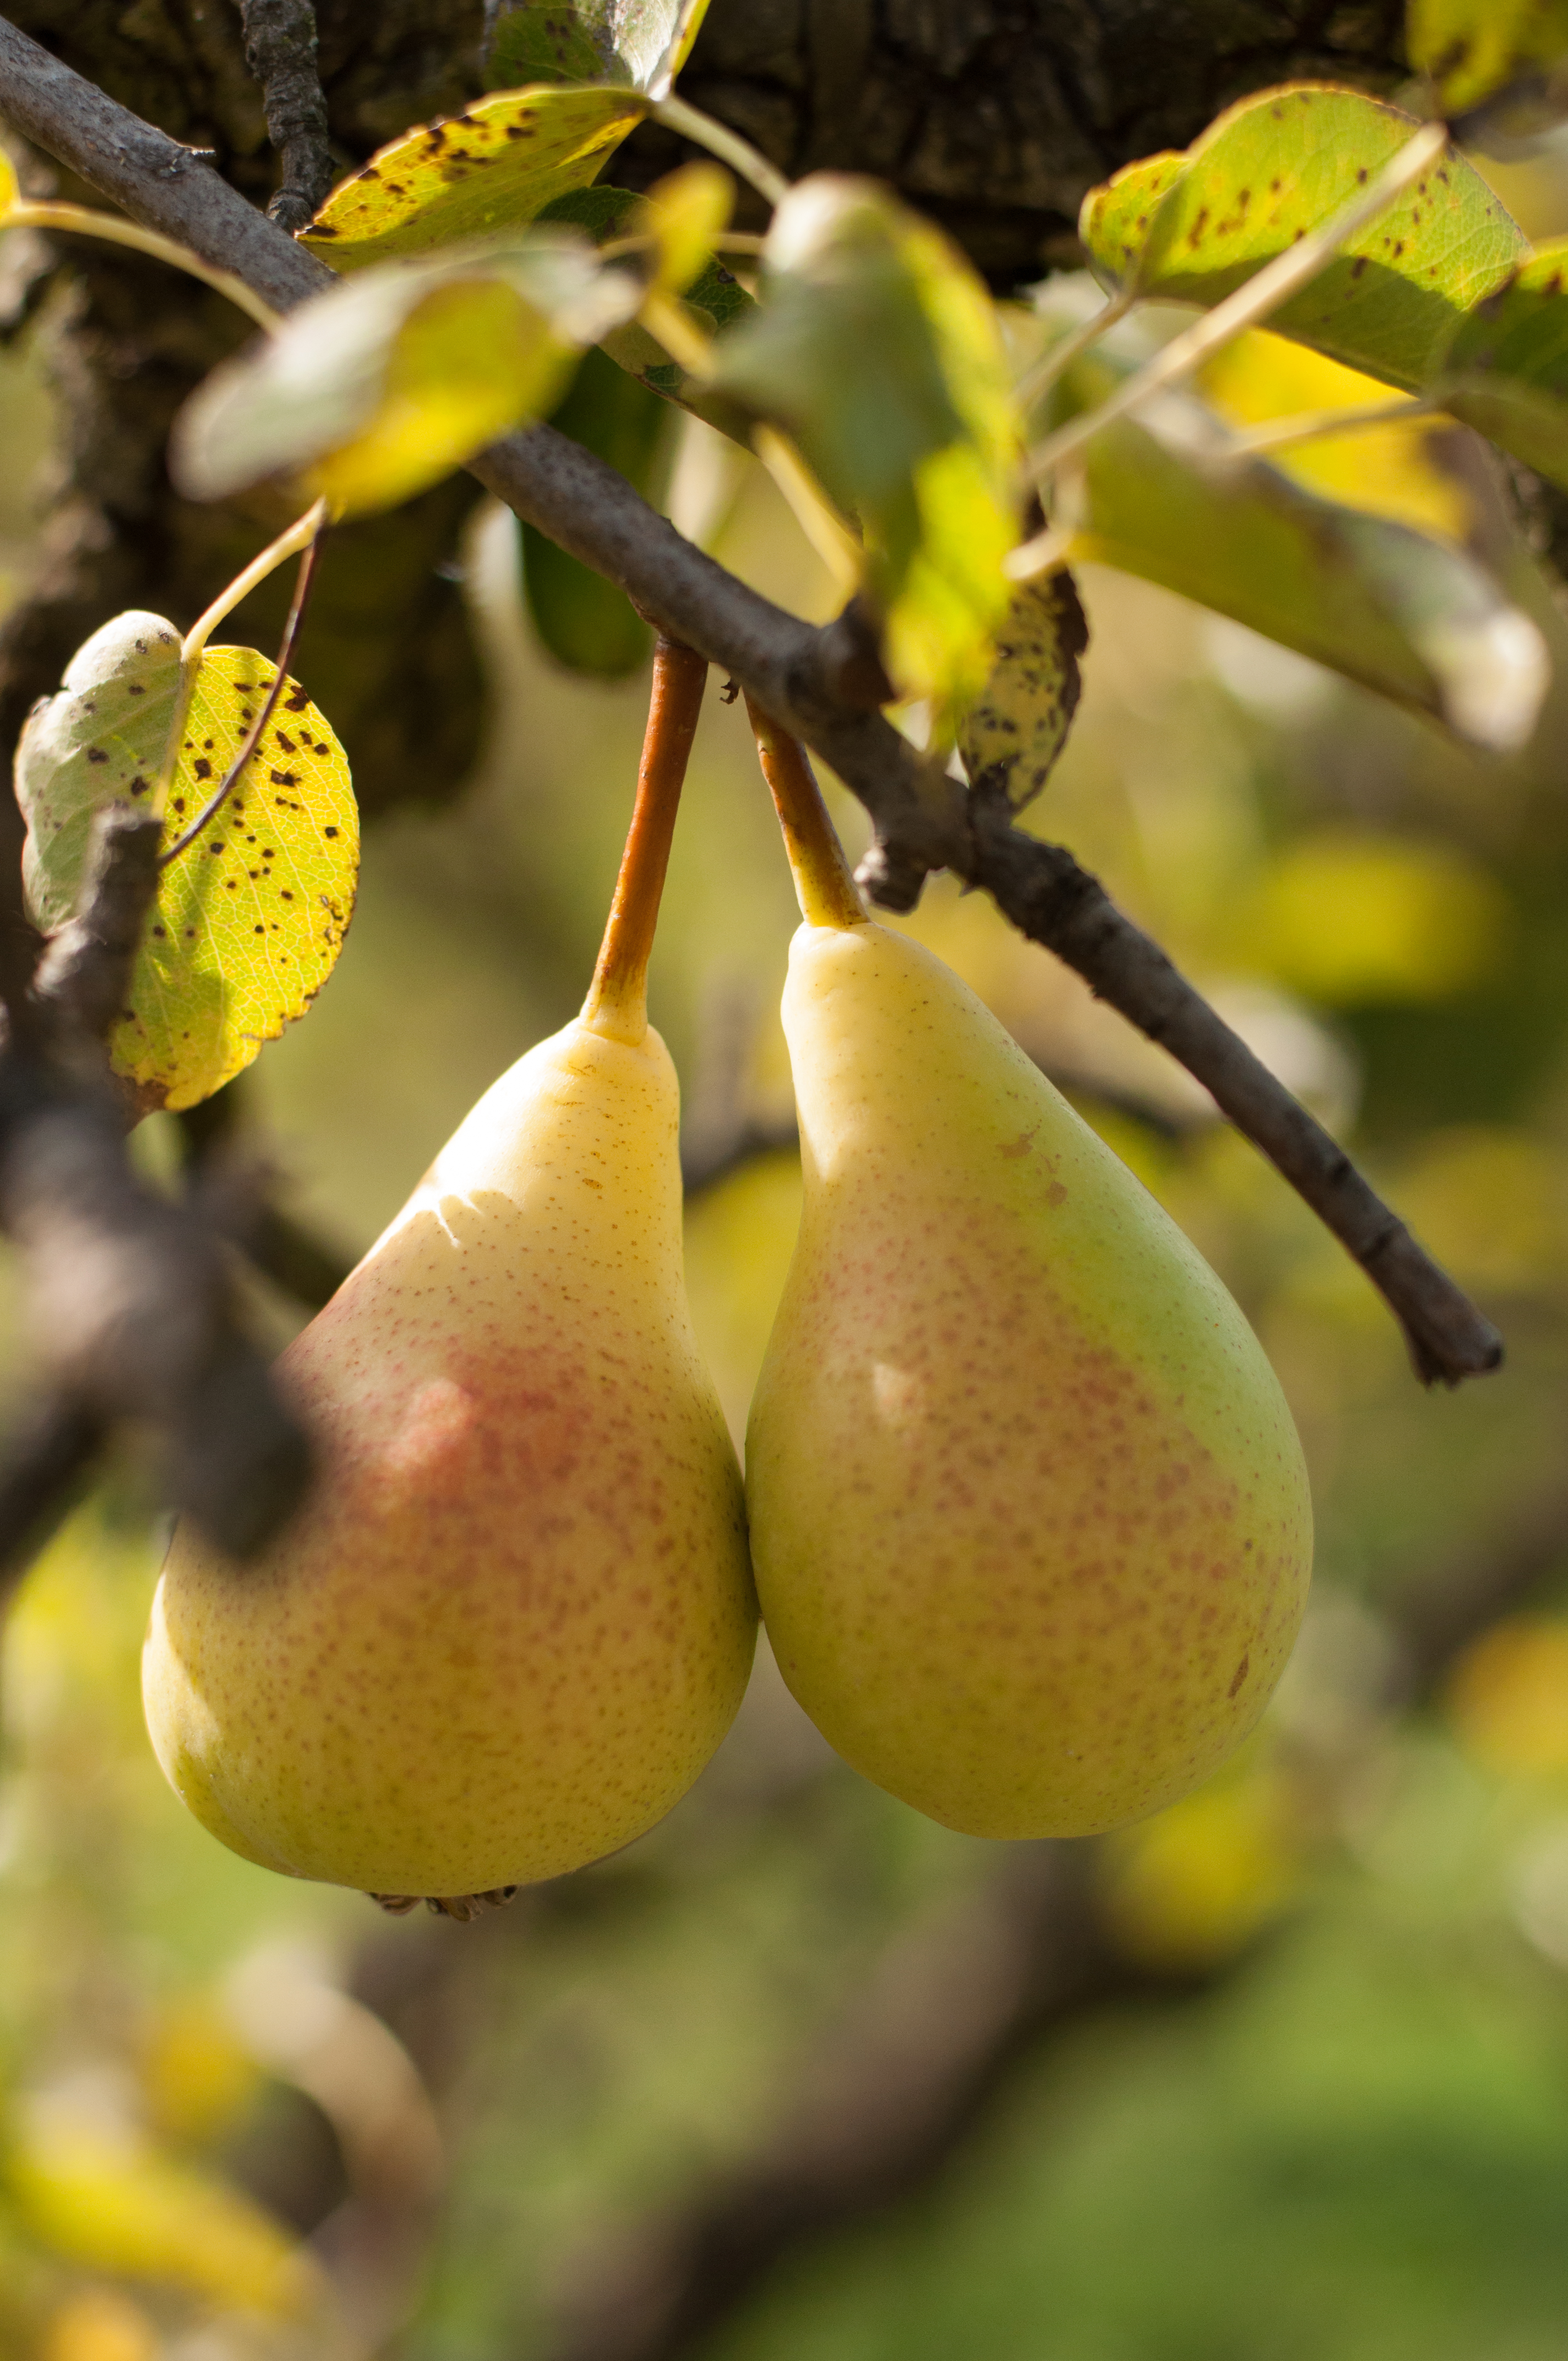 confit de poire au miel et aux noix 1 (poires)